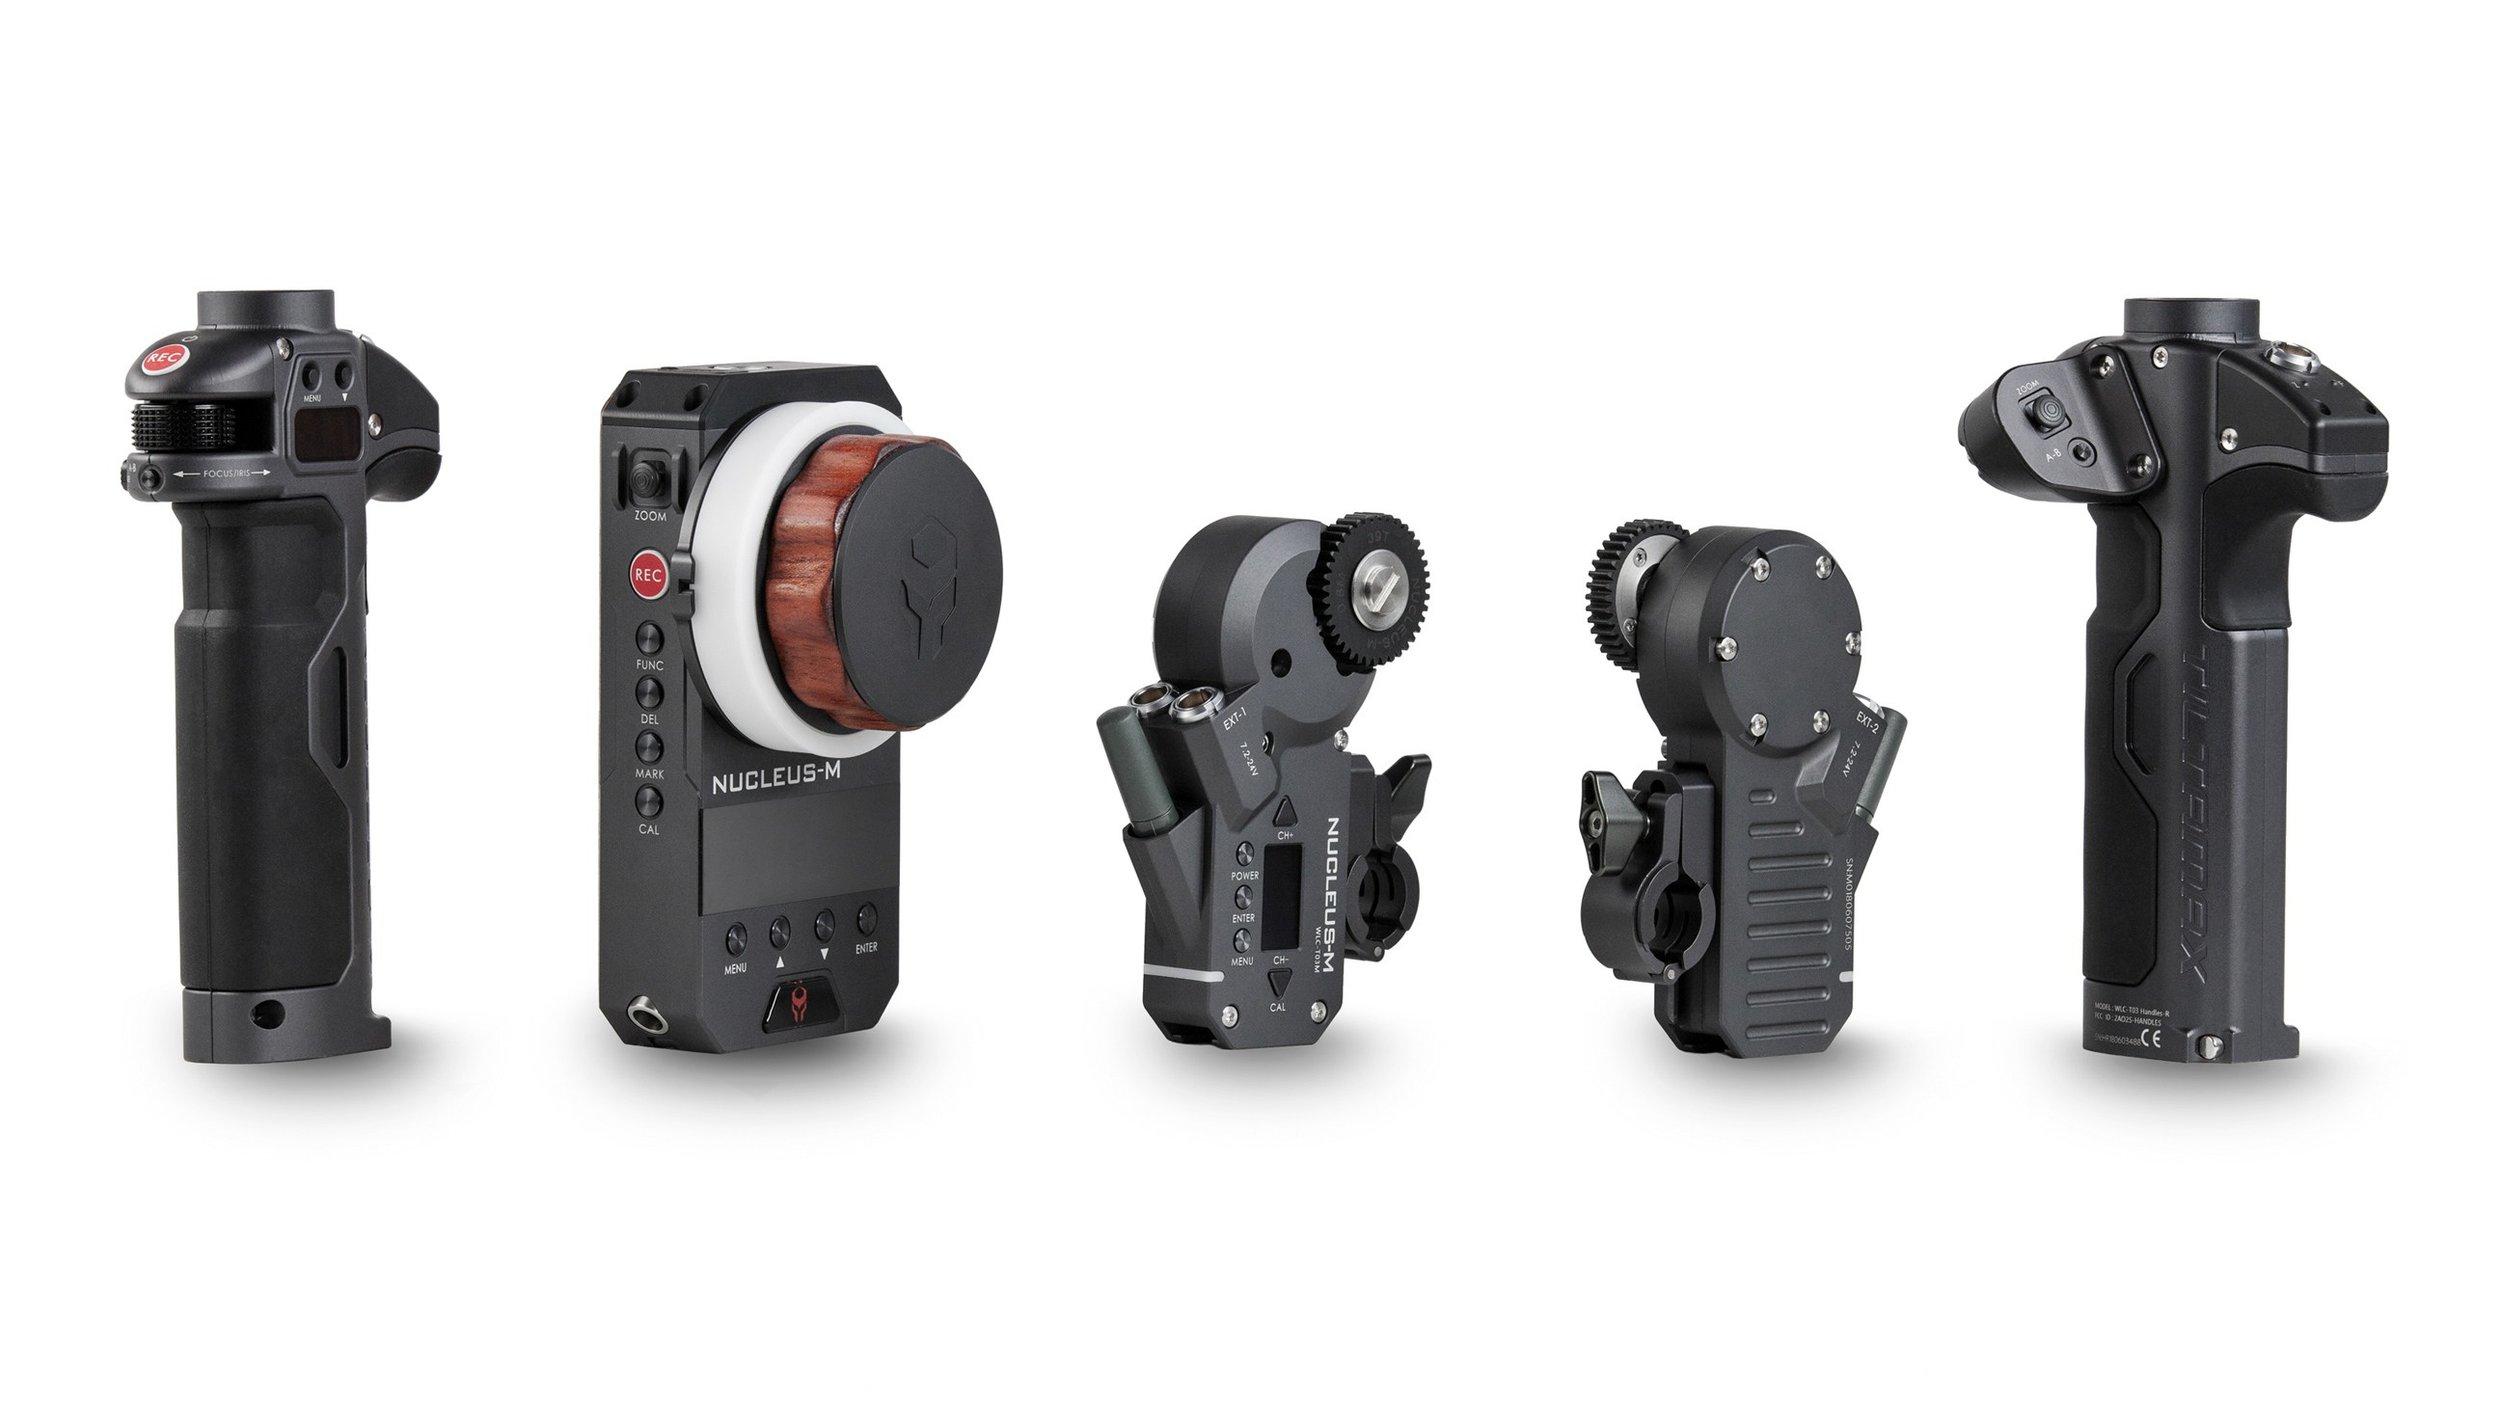 Tilta - Nucleus-M: Wireless Lens Control System